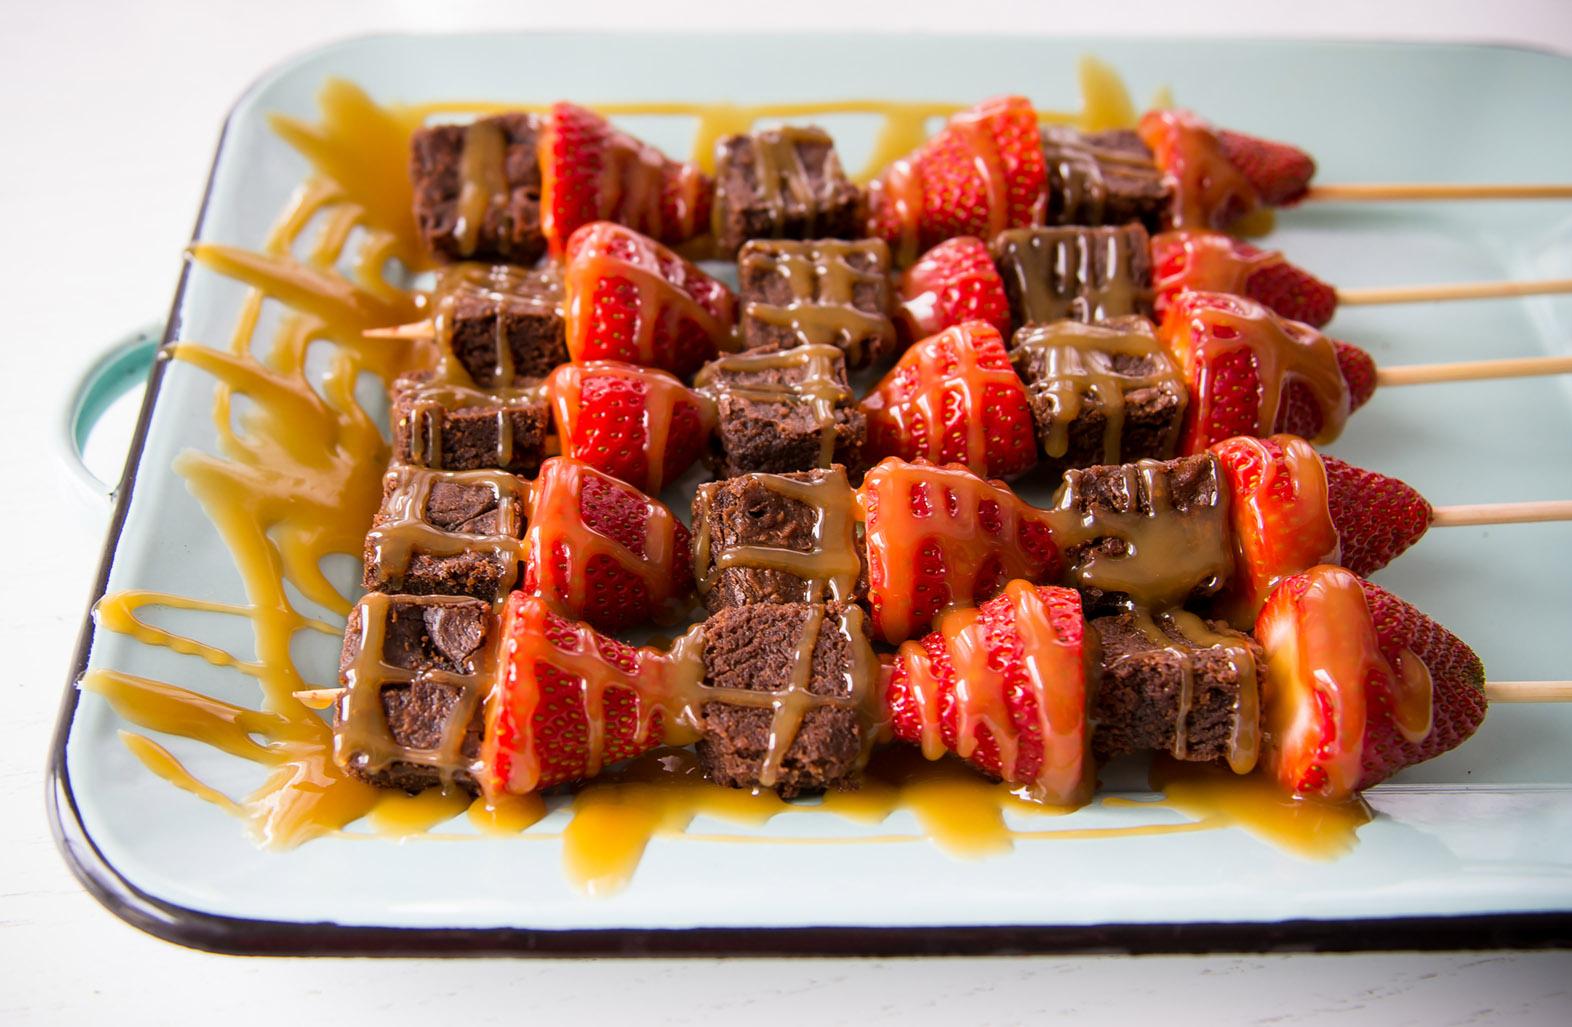 Brownie Strawberry Skewers 3 (1 of 1)